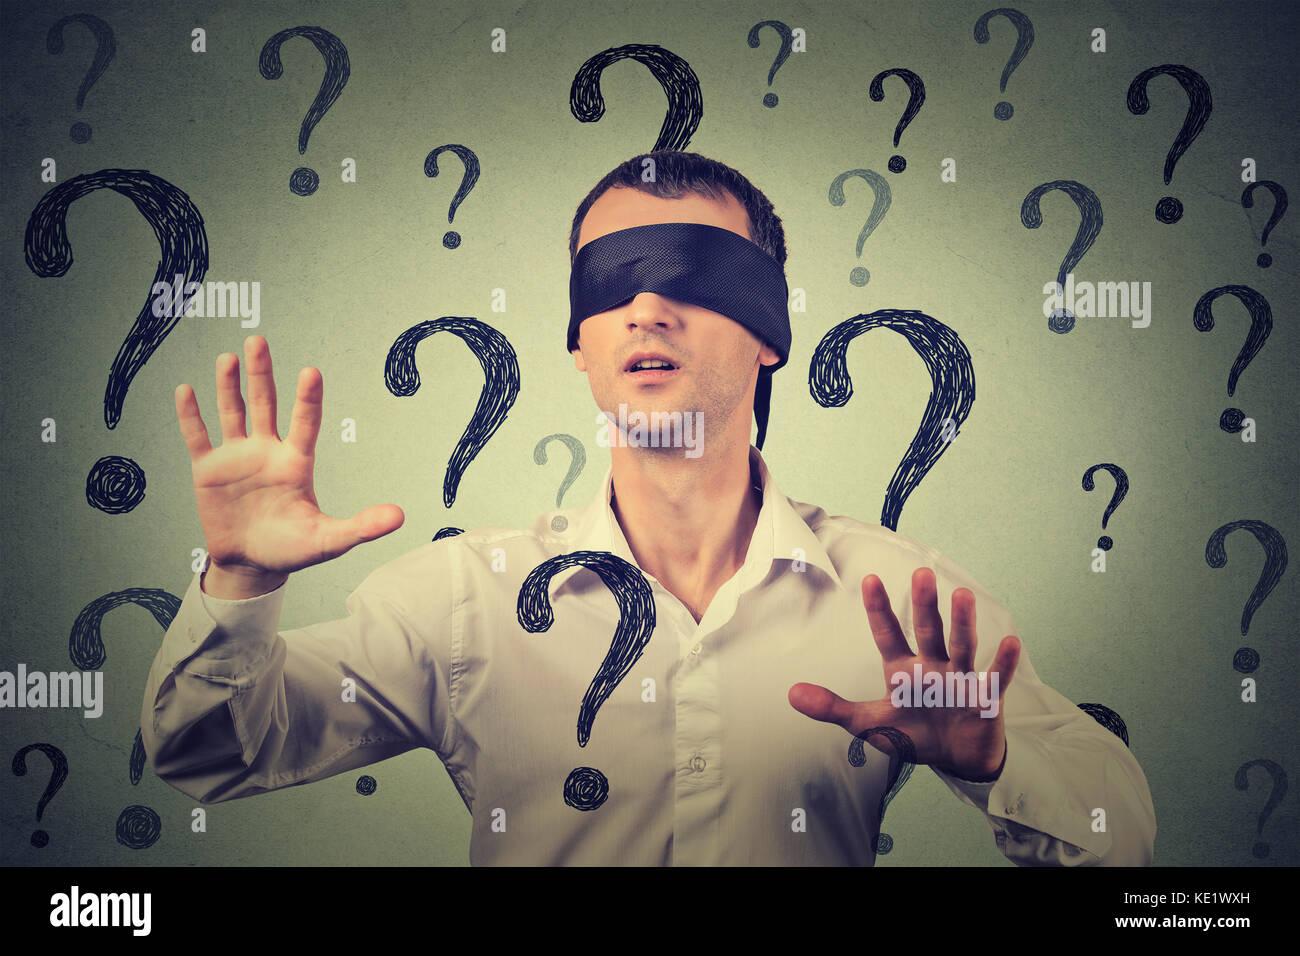 Ritratto a occhi bendati uomo stretching braccia fuori a piedi attraverso molti punti interrogativi Immagini Stock